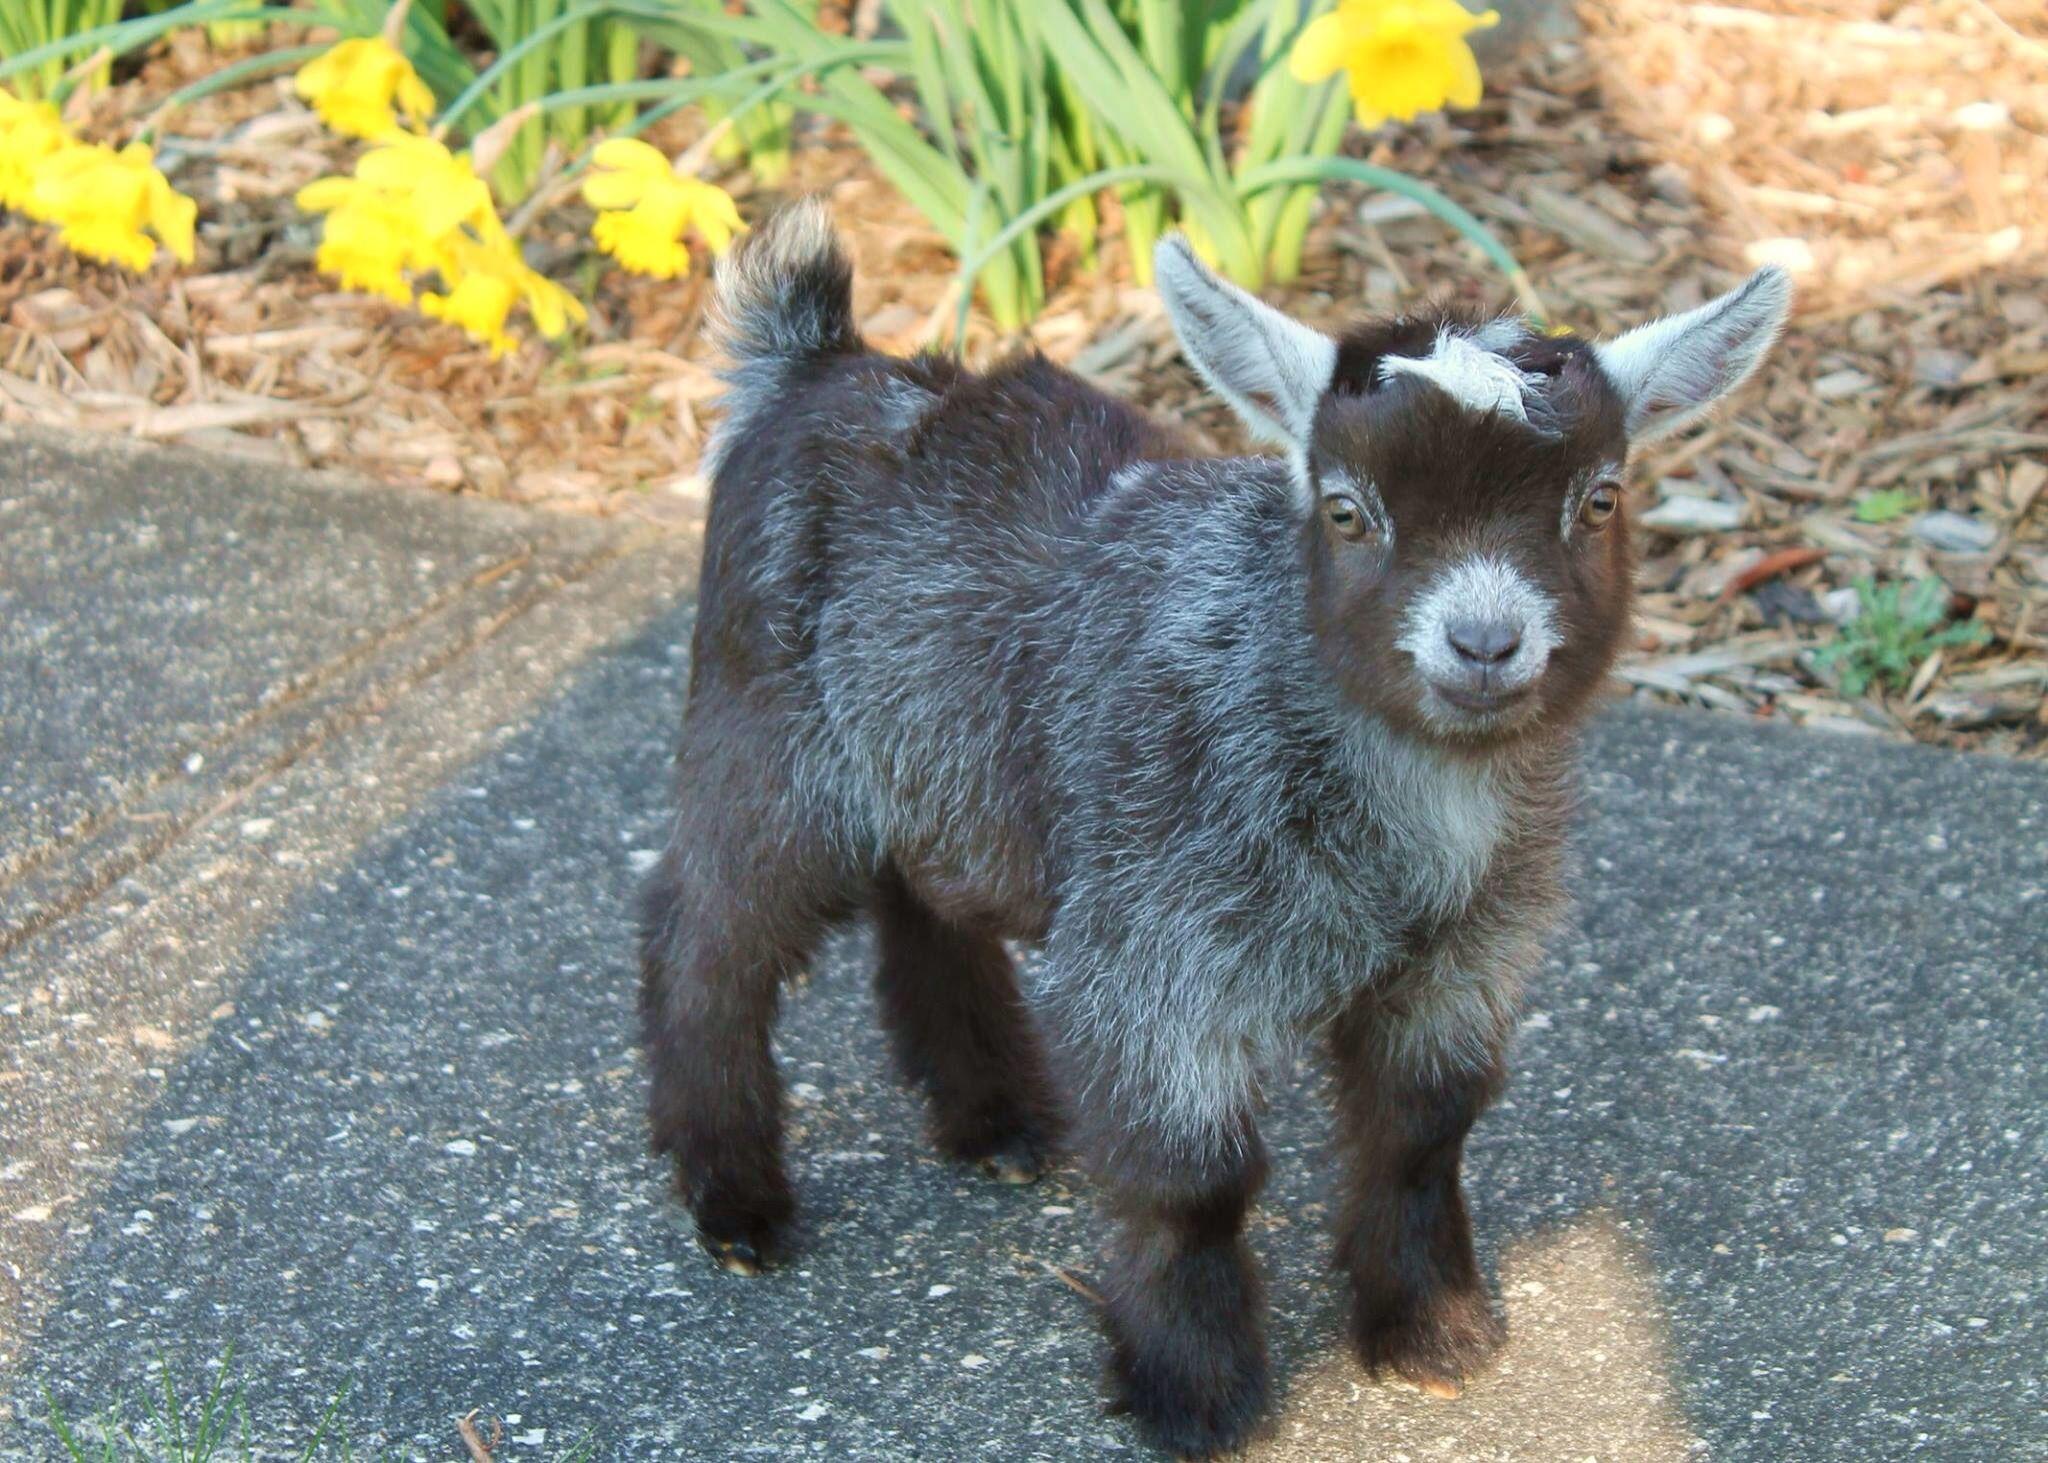 Adorable Pygmy Goat kid!